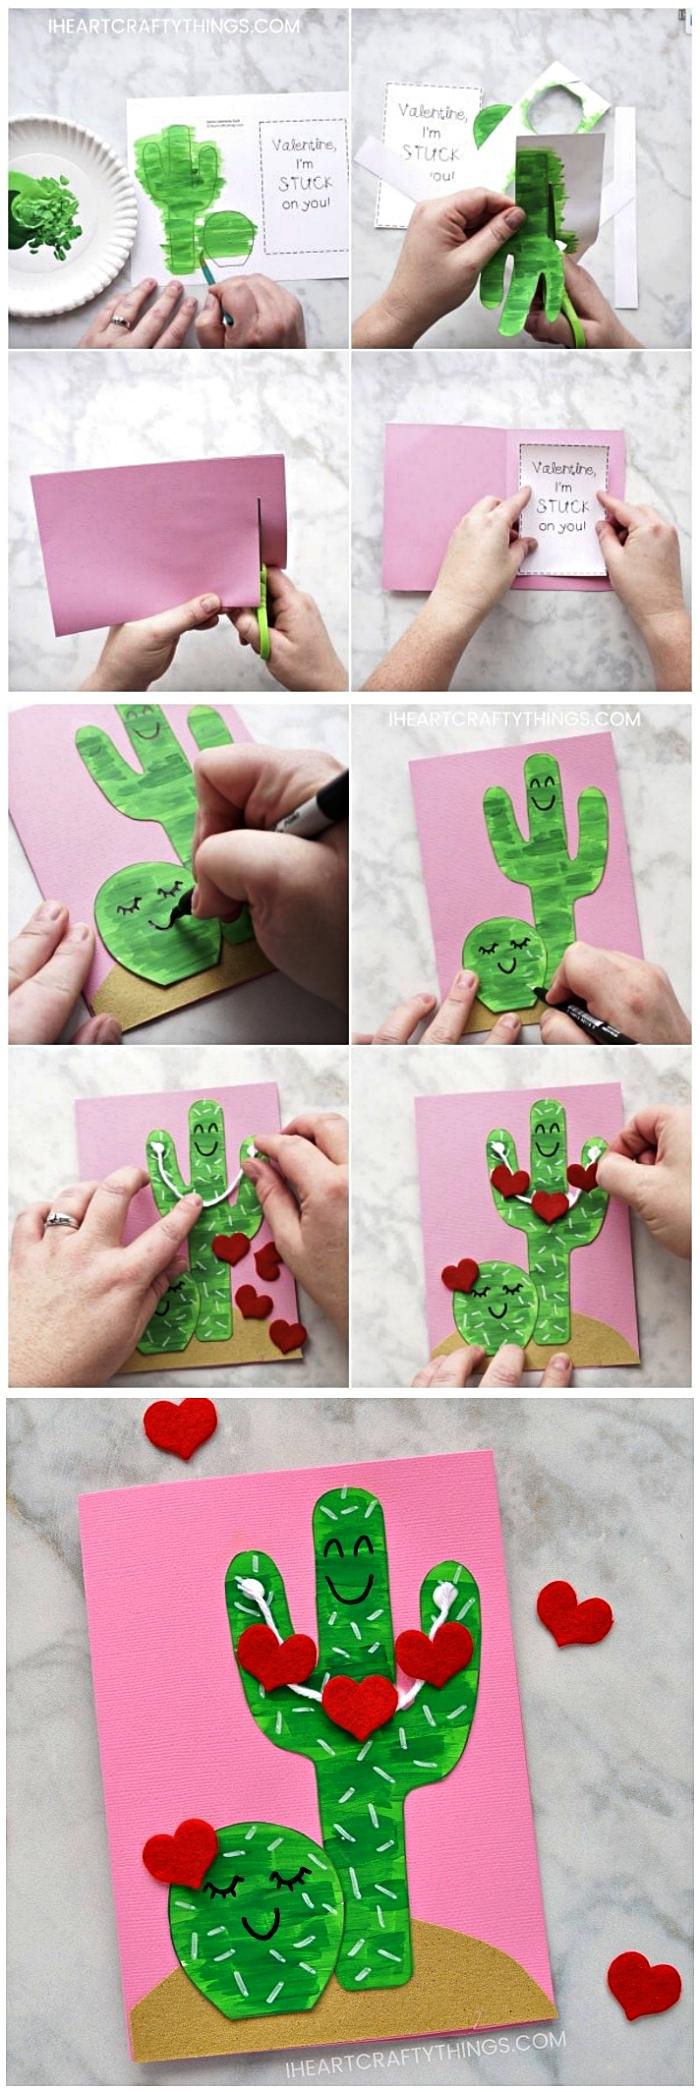 carte pour la fête des mères avec des cactus kawaii décorés de coeurs en papier, carte cactus à faire avec les enfants de la maternelle pour souhaiter bonne fête des mères